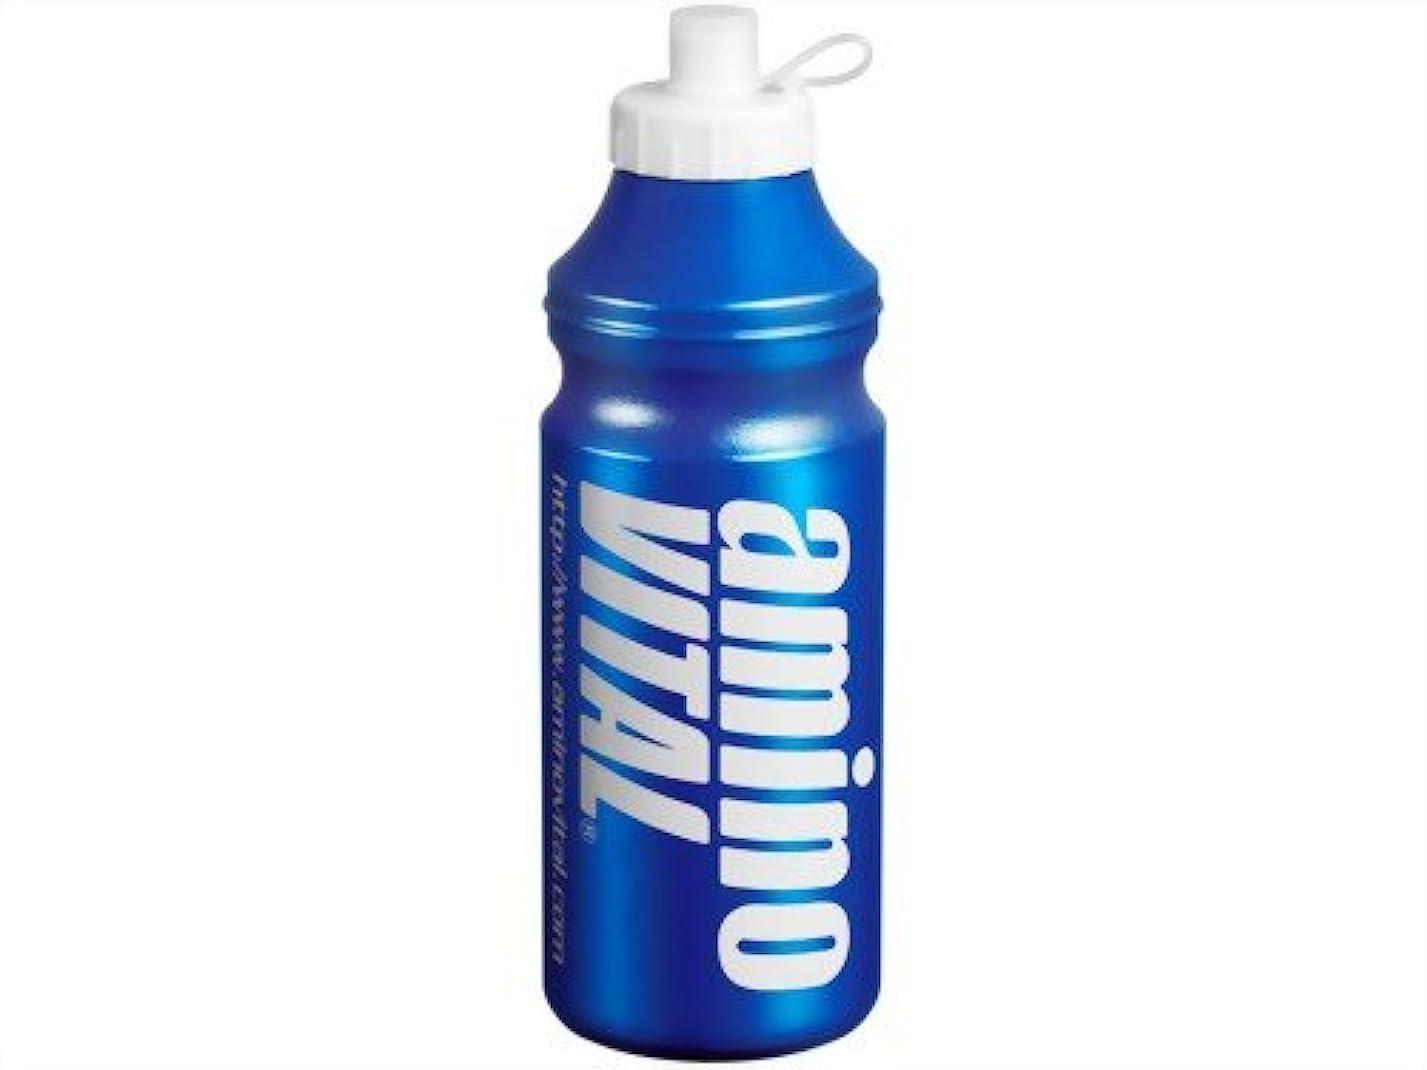 最大限刺激する味方アミノバイタル スクイズボトル 1L用